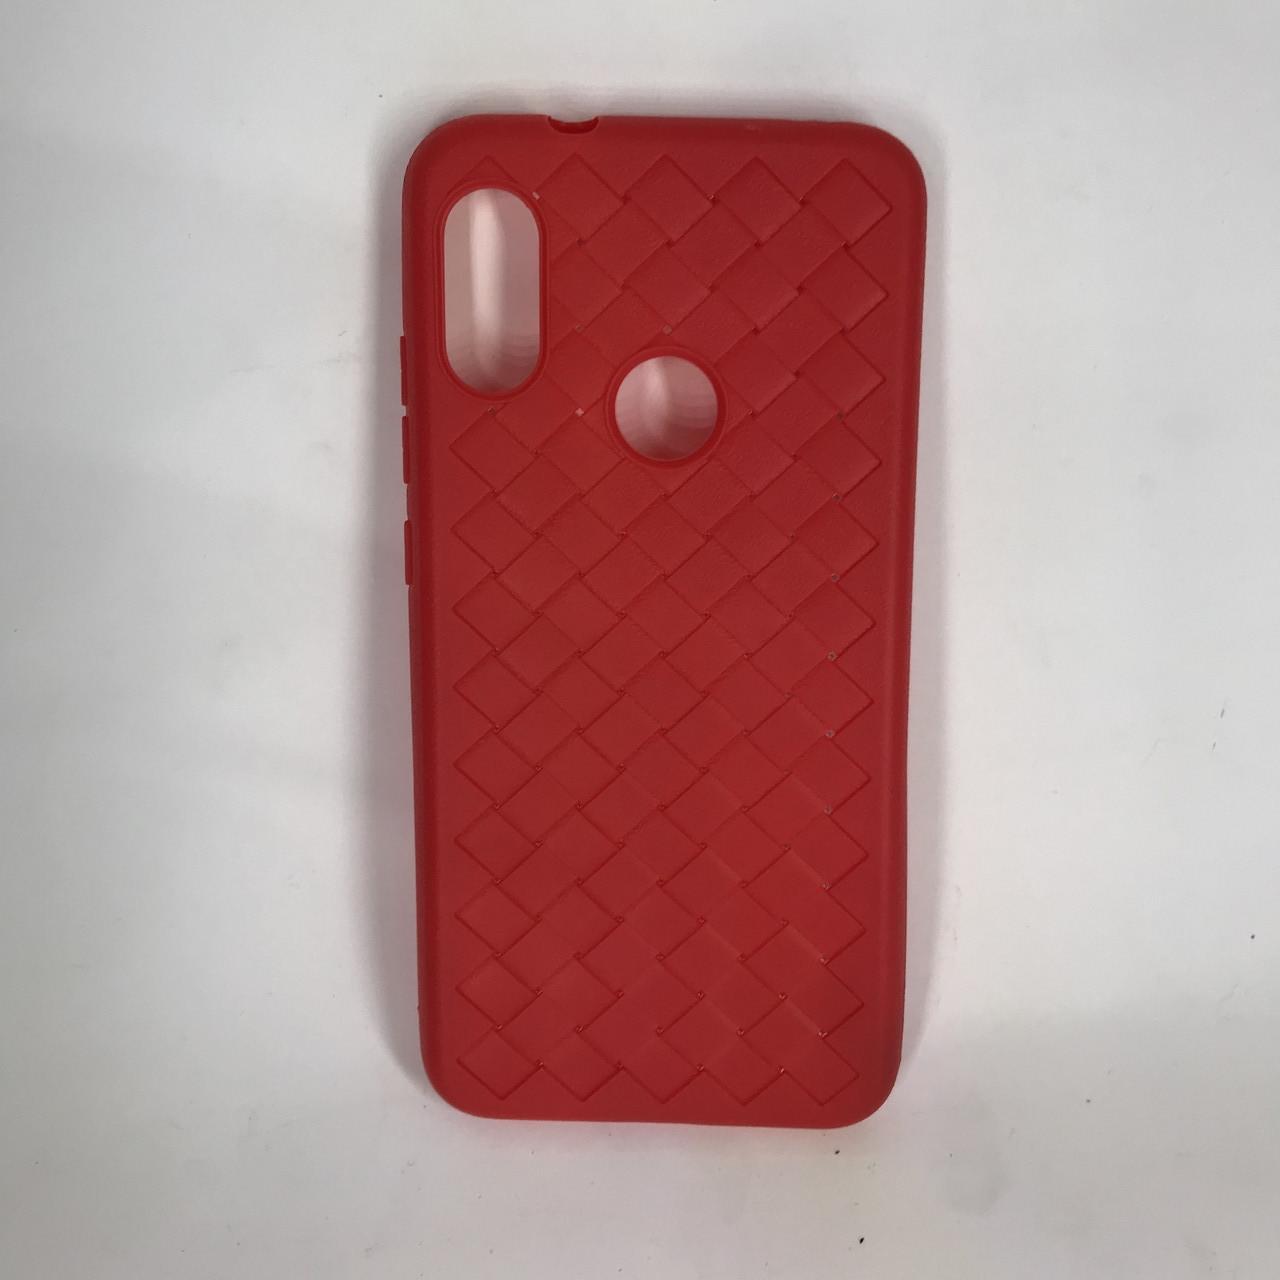 Чехол накладка Bottega Veneta Xiaomi Redmi 6 Pro (Красный)